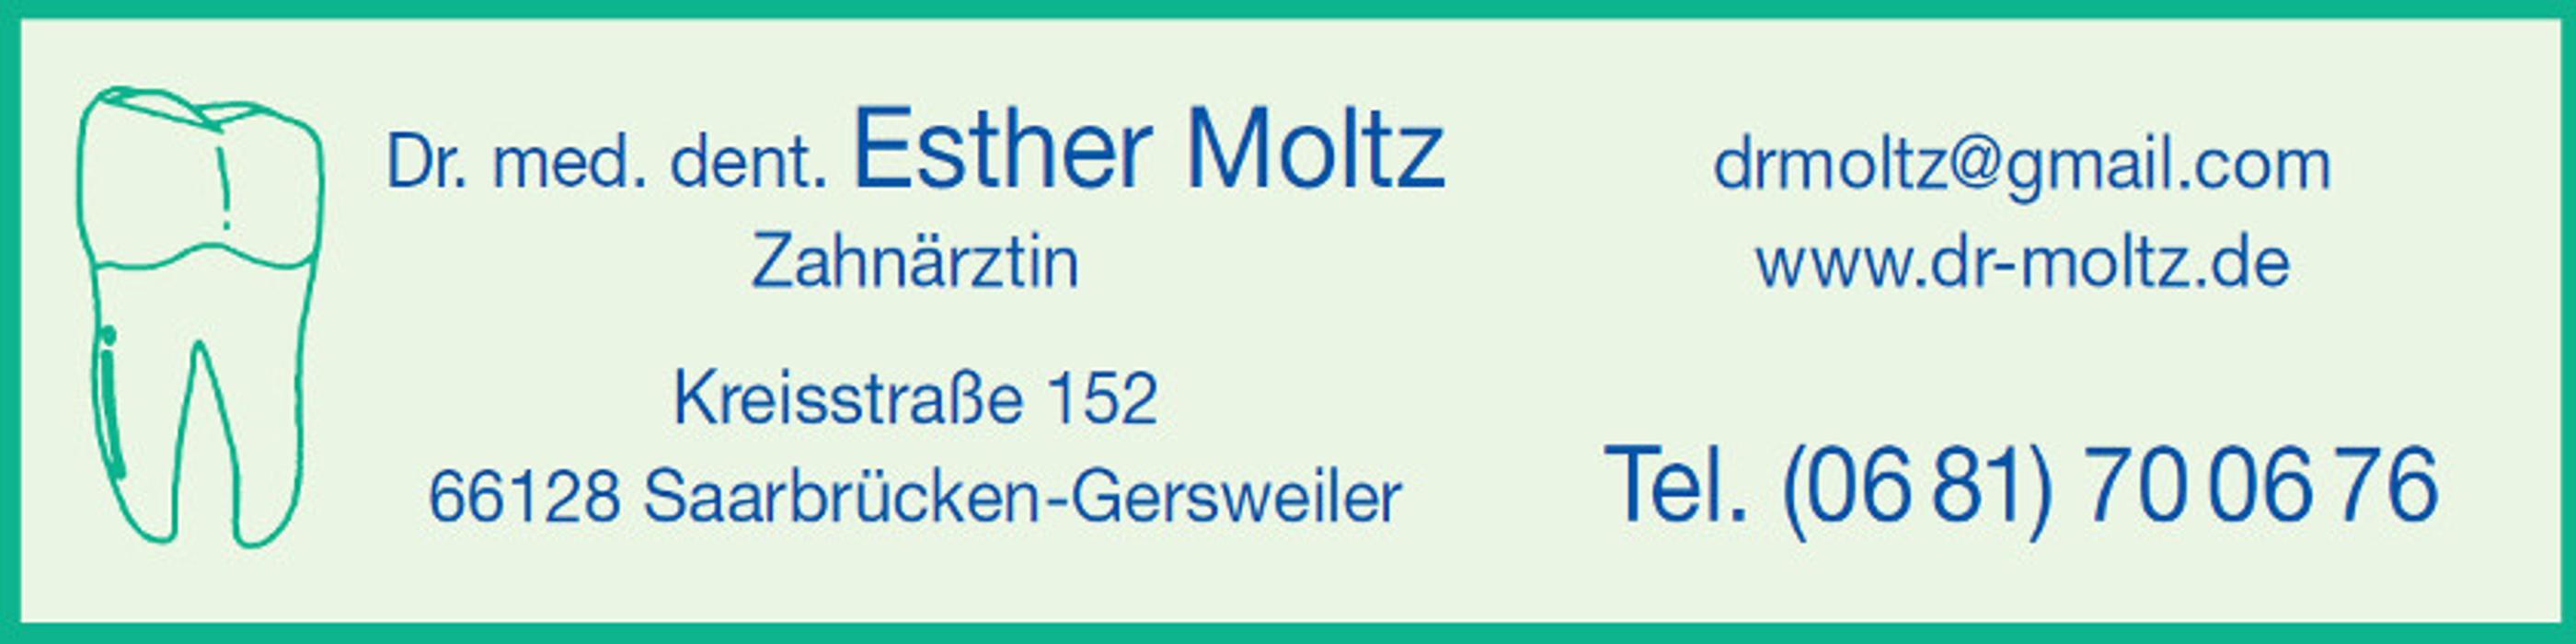 Dr. med. dent. Esther Moltz